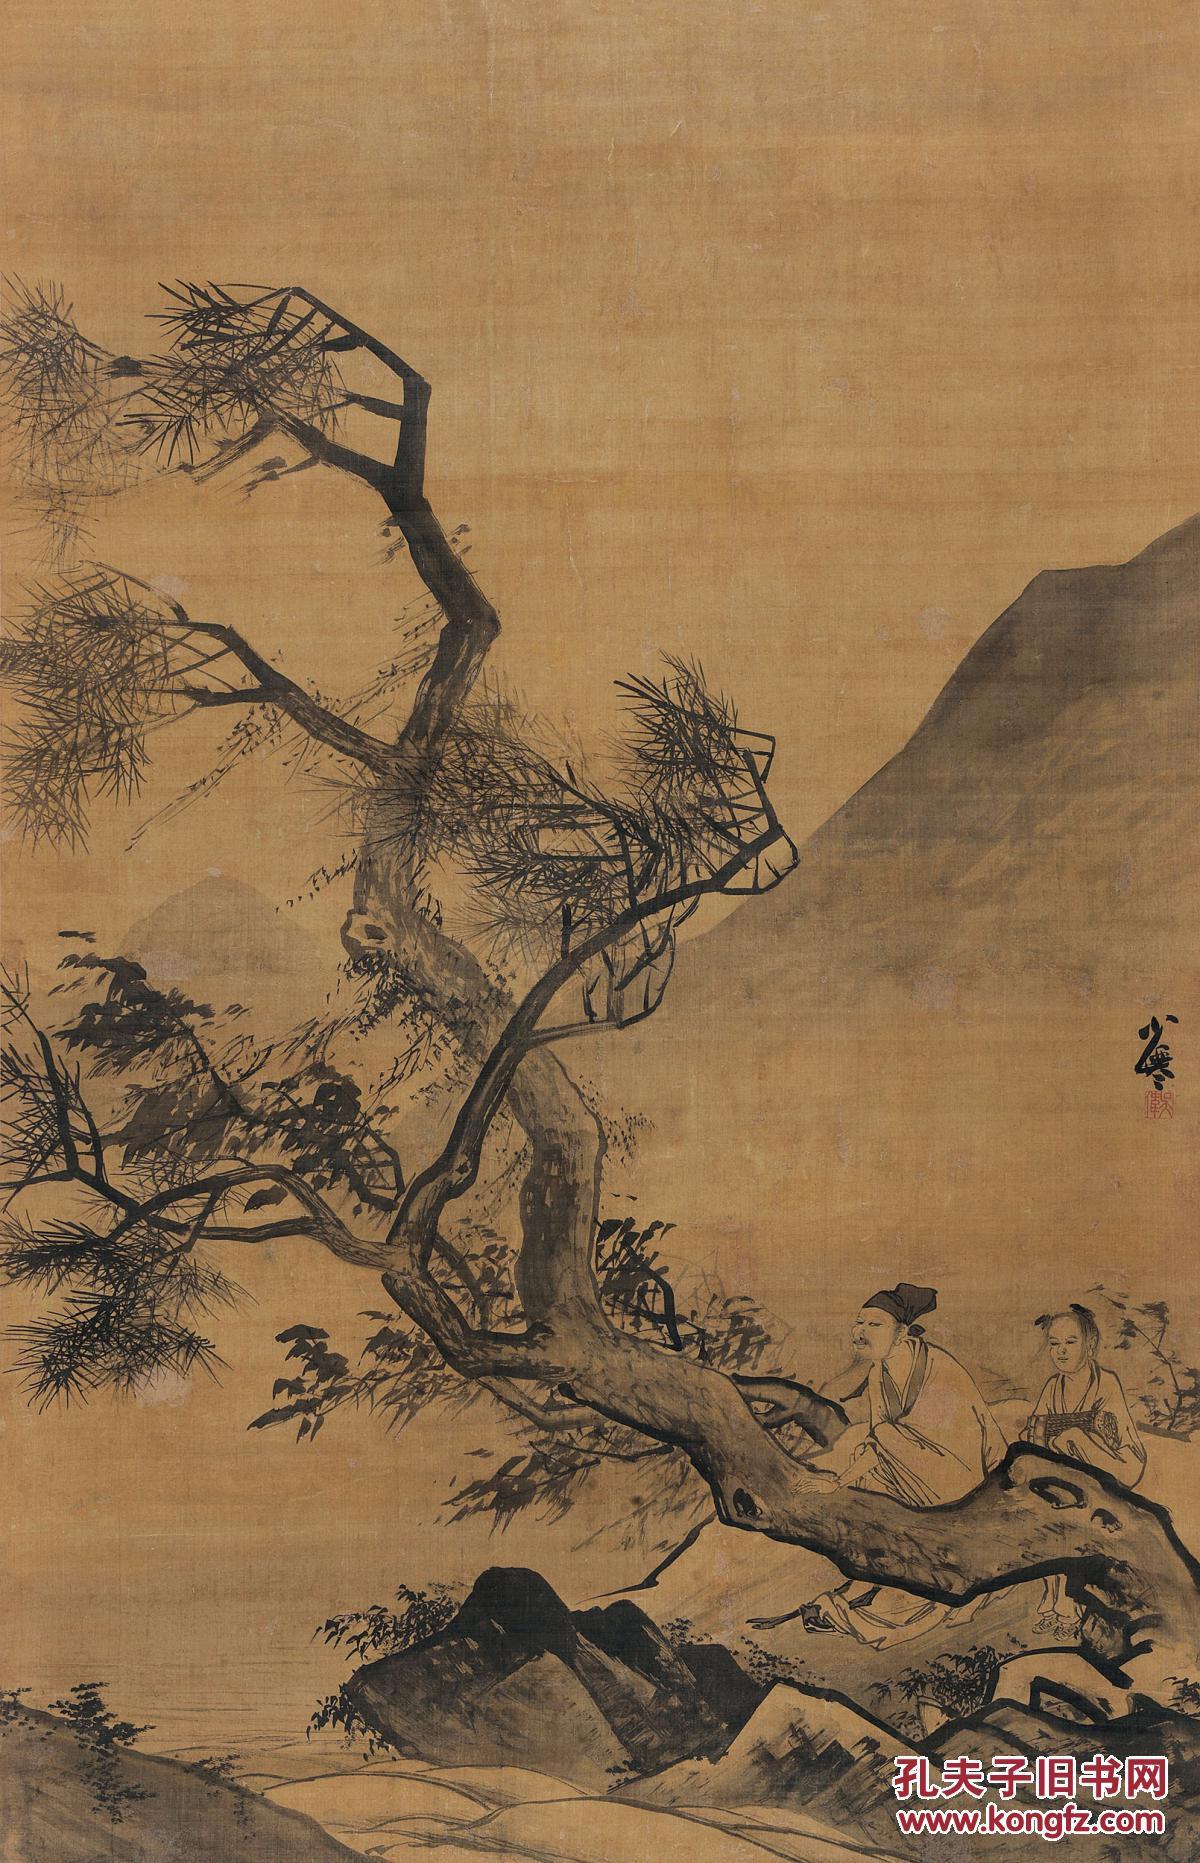 2014北京保利秋季拍卖会仰之弥高——中国古代书画夜场 封面拍品 明.图片